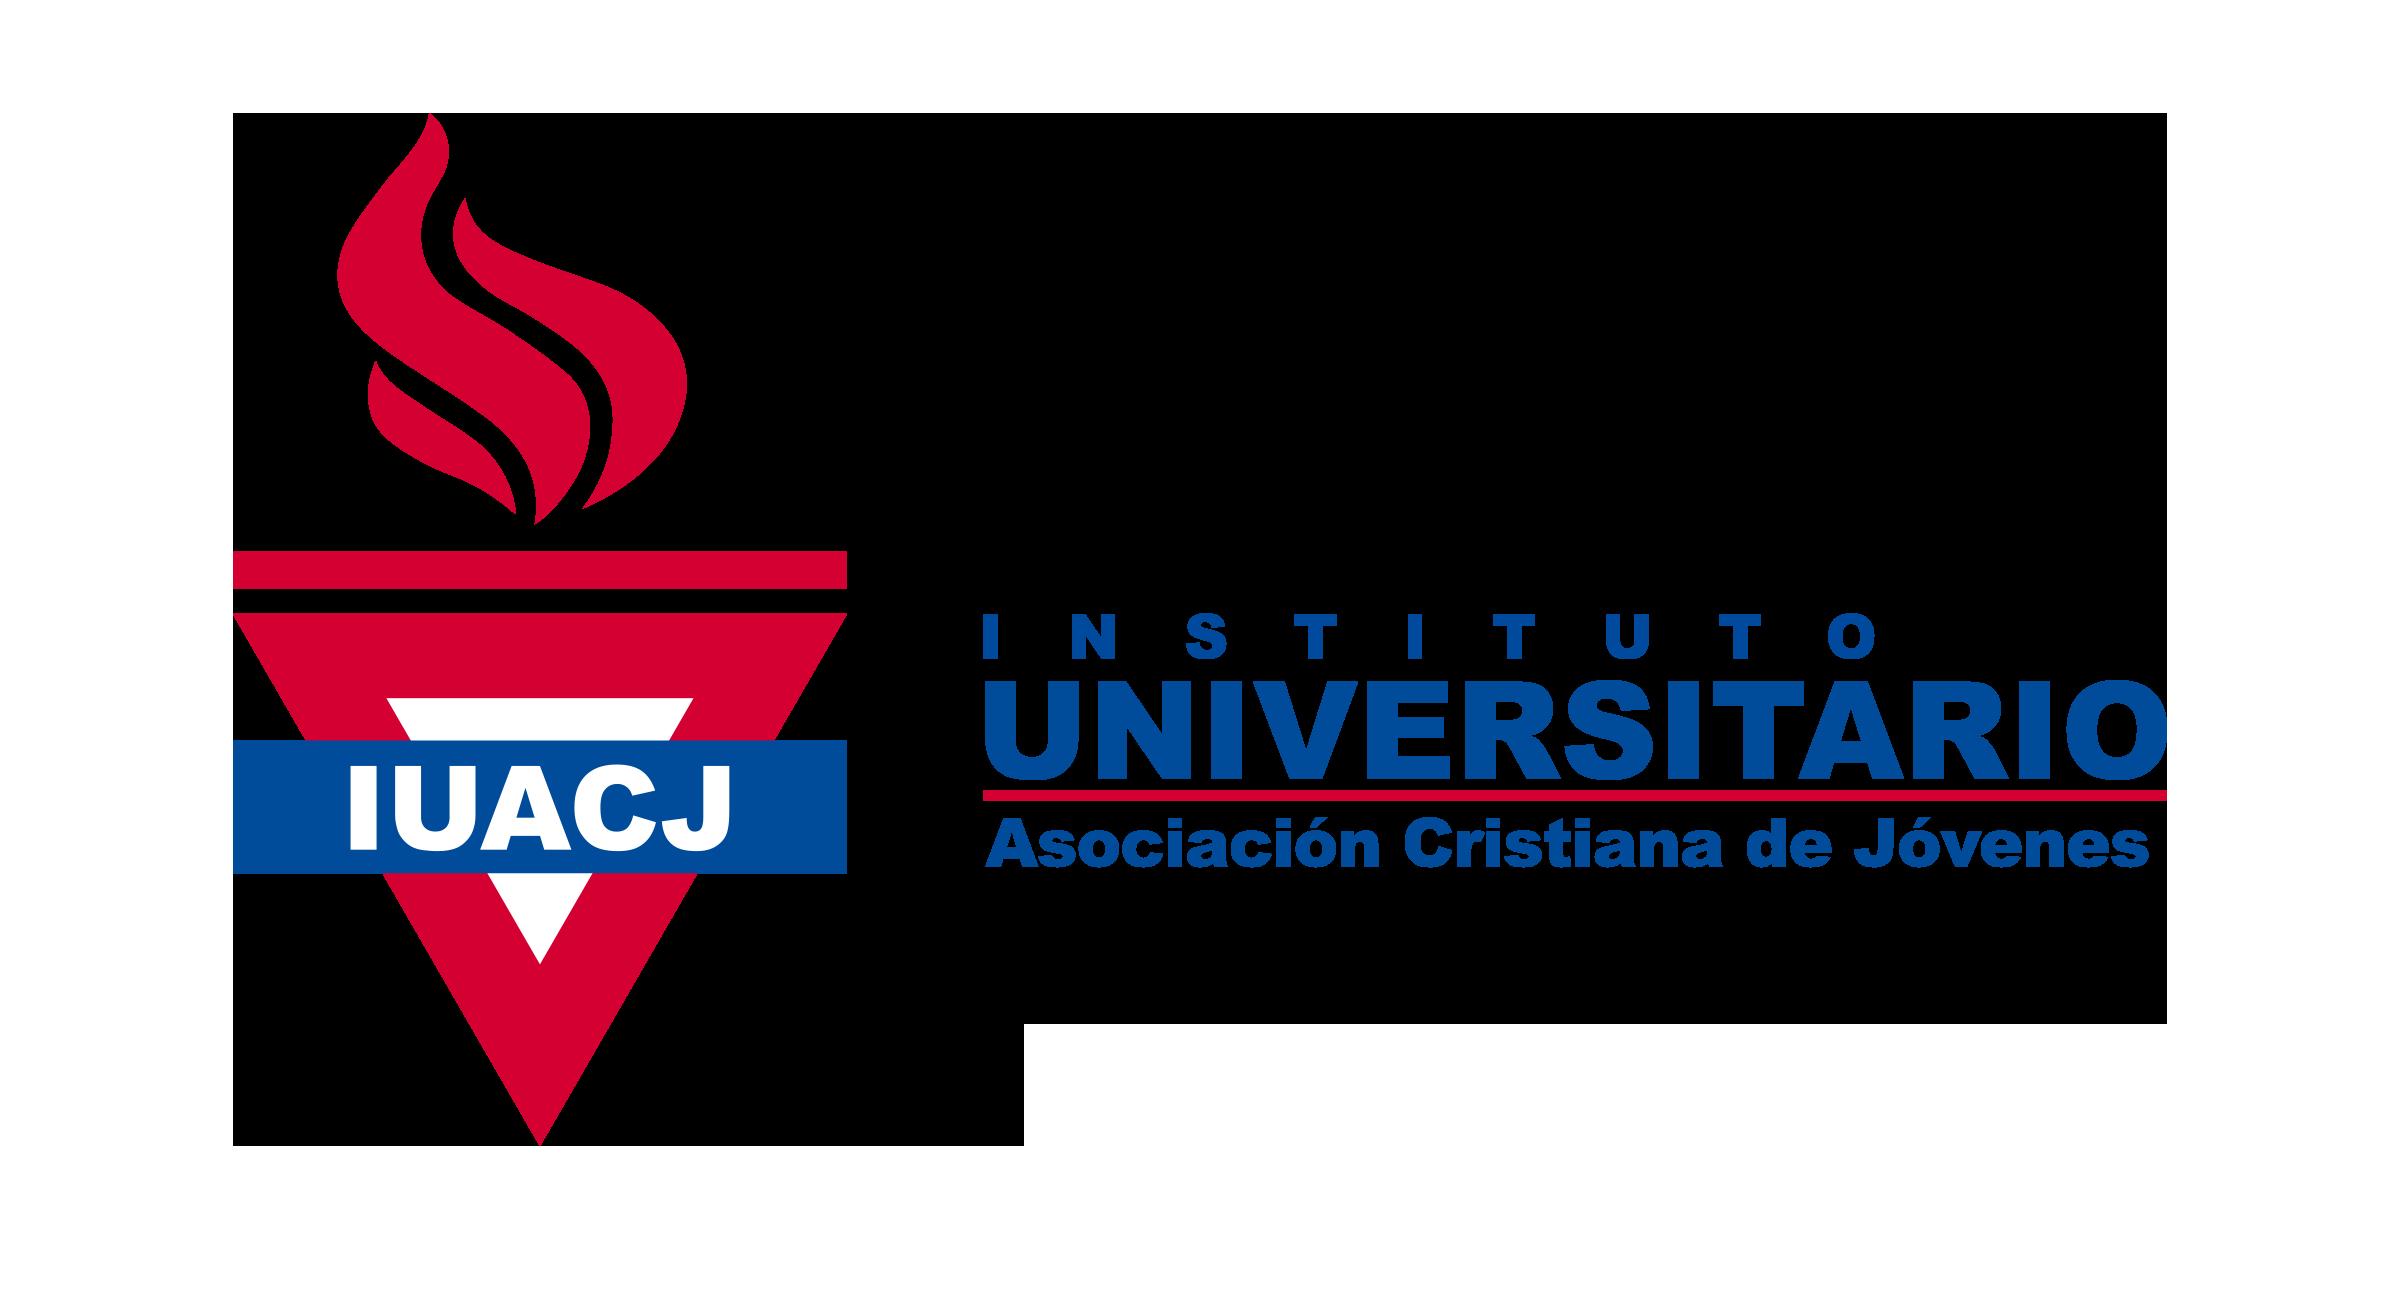 logo iuacj